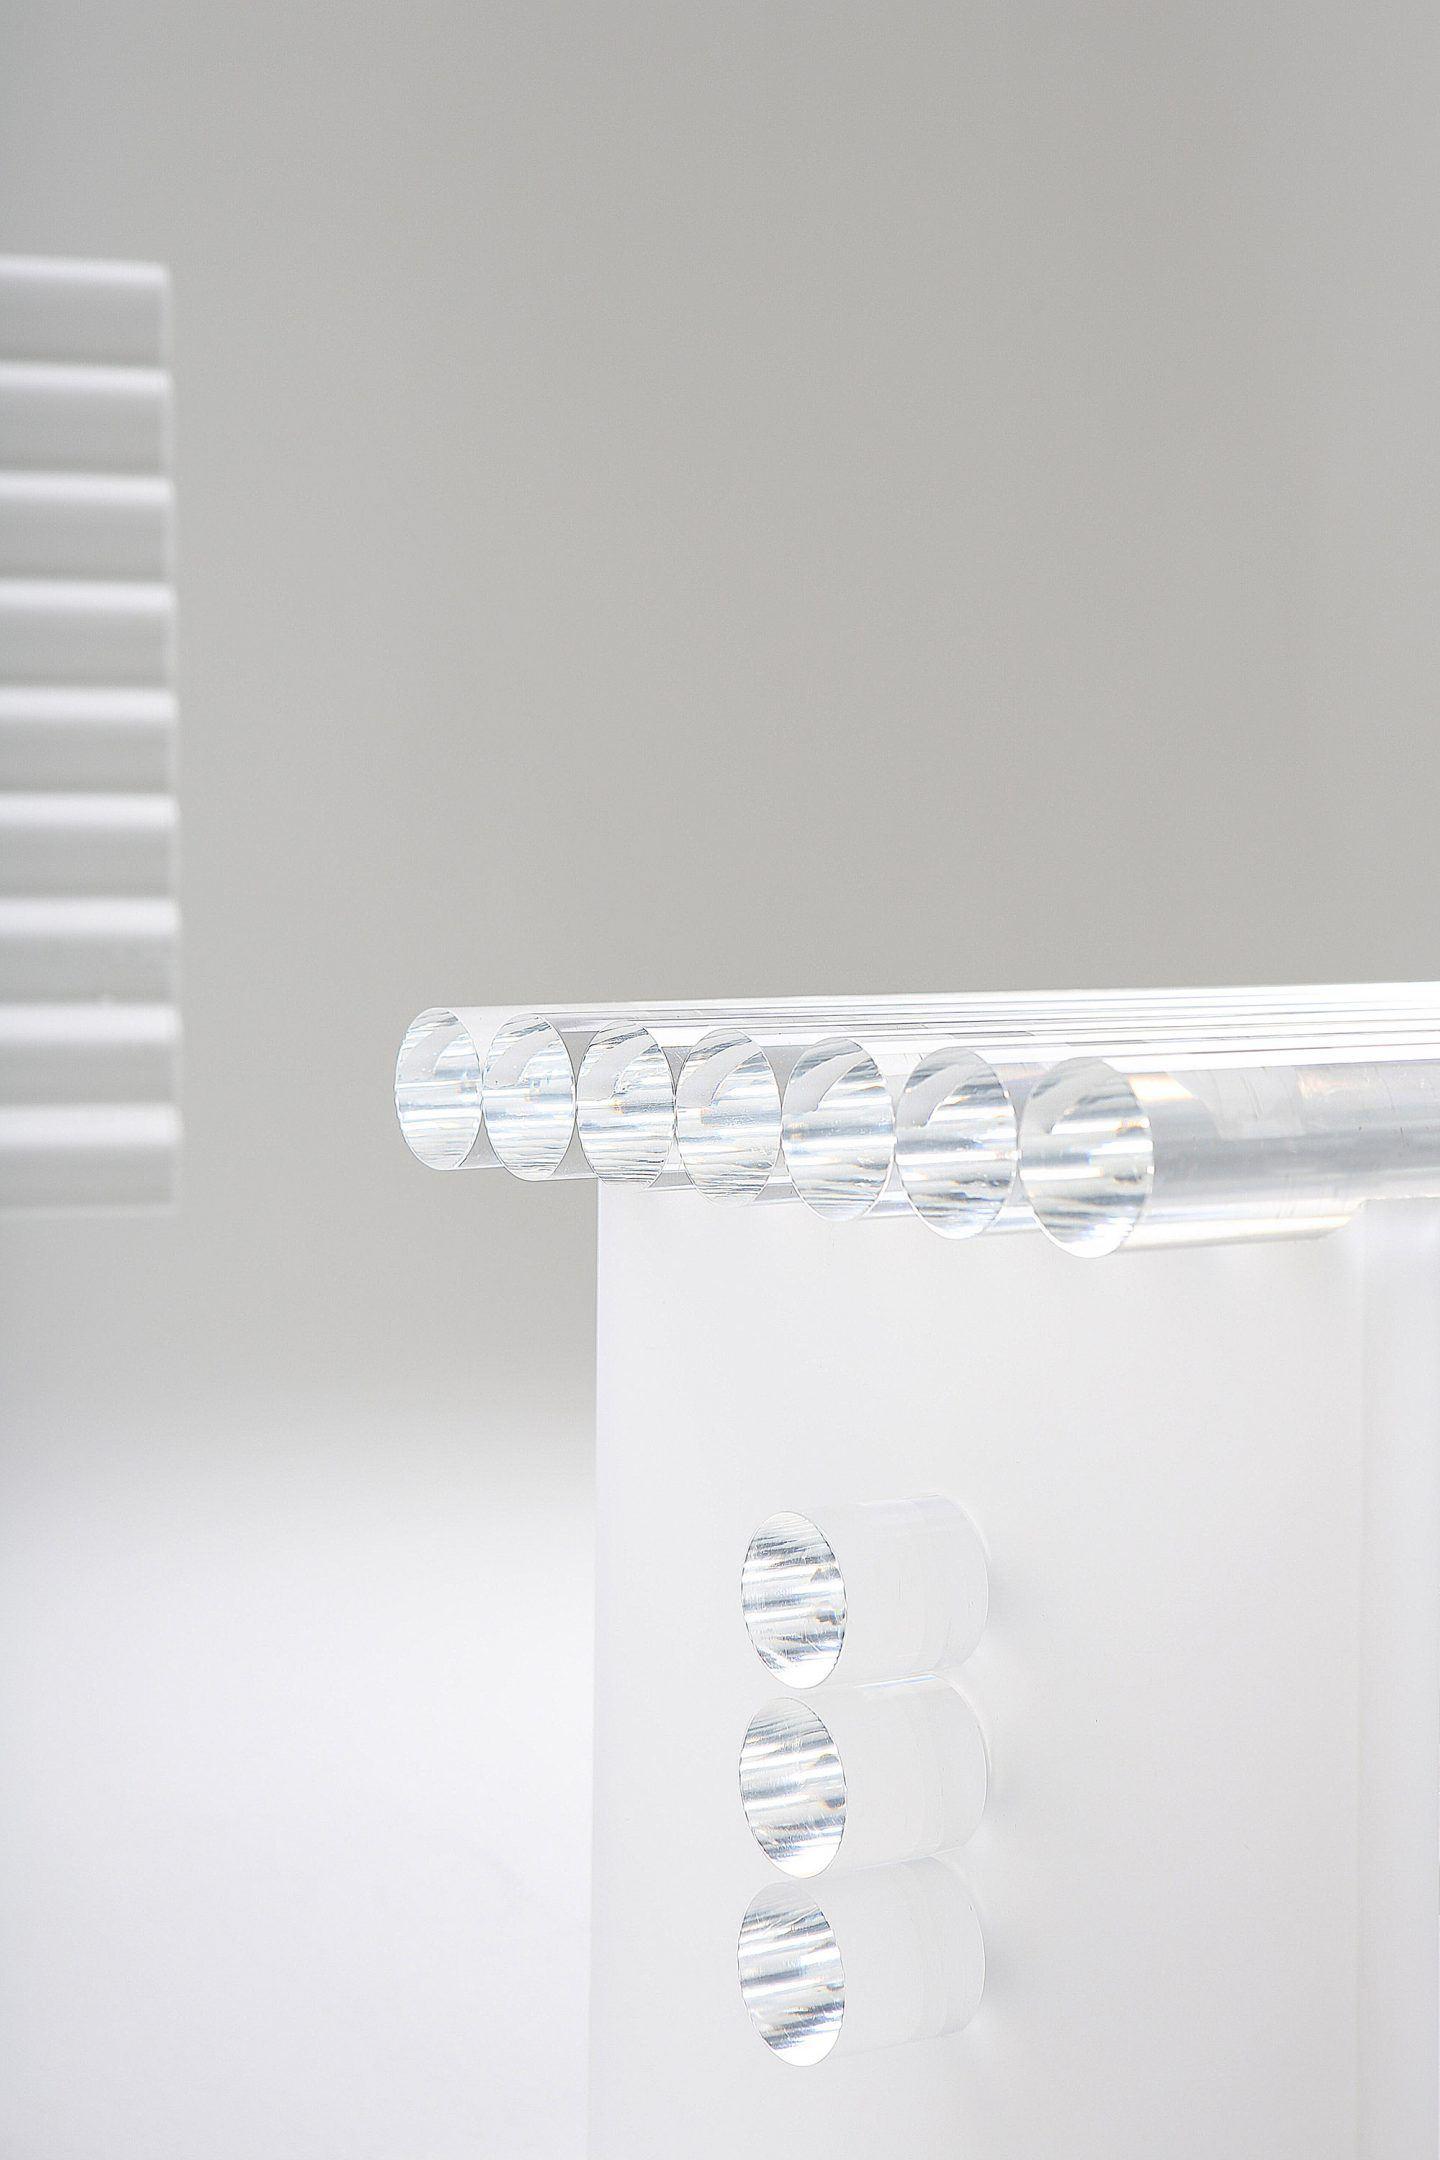 IGNANT-Design-Jihye-Zang-Purity-09